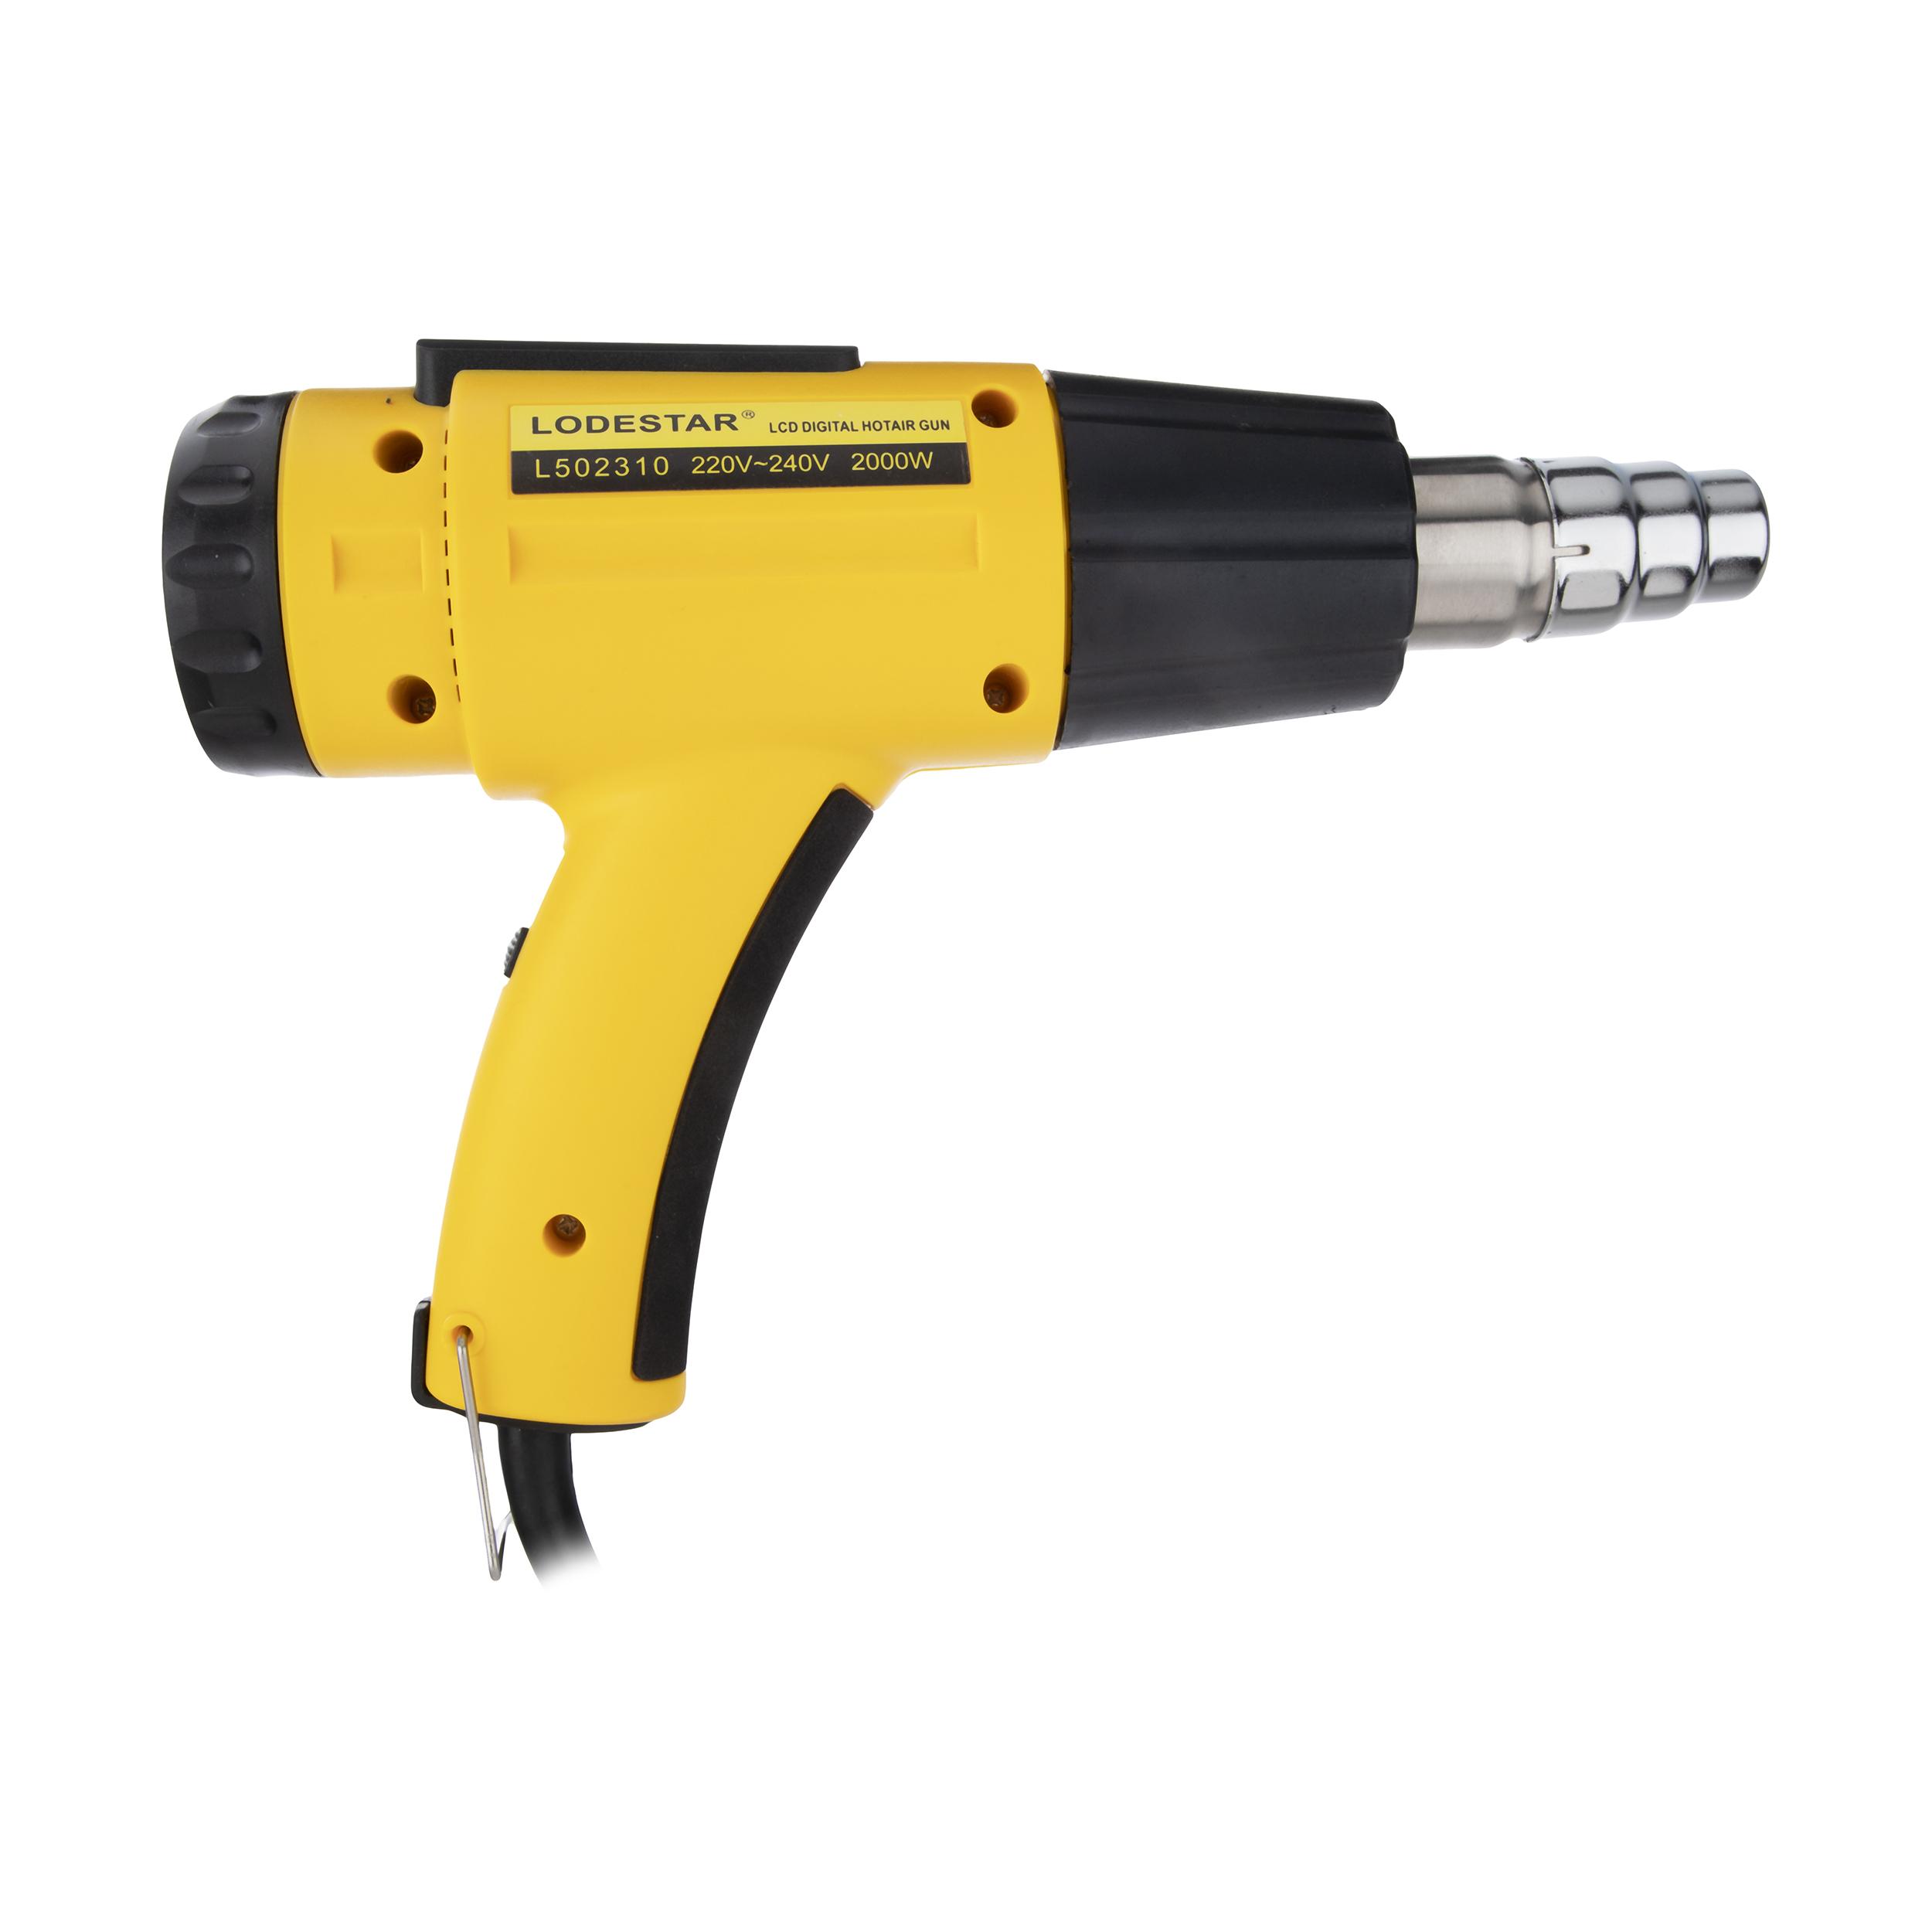 سشوار صنعتی لودستار مدل L502310